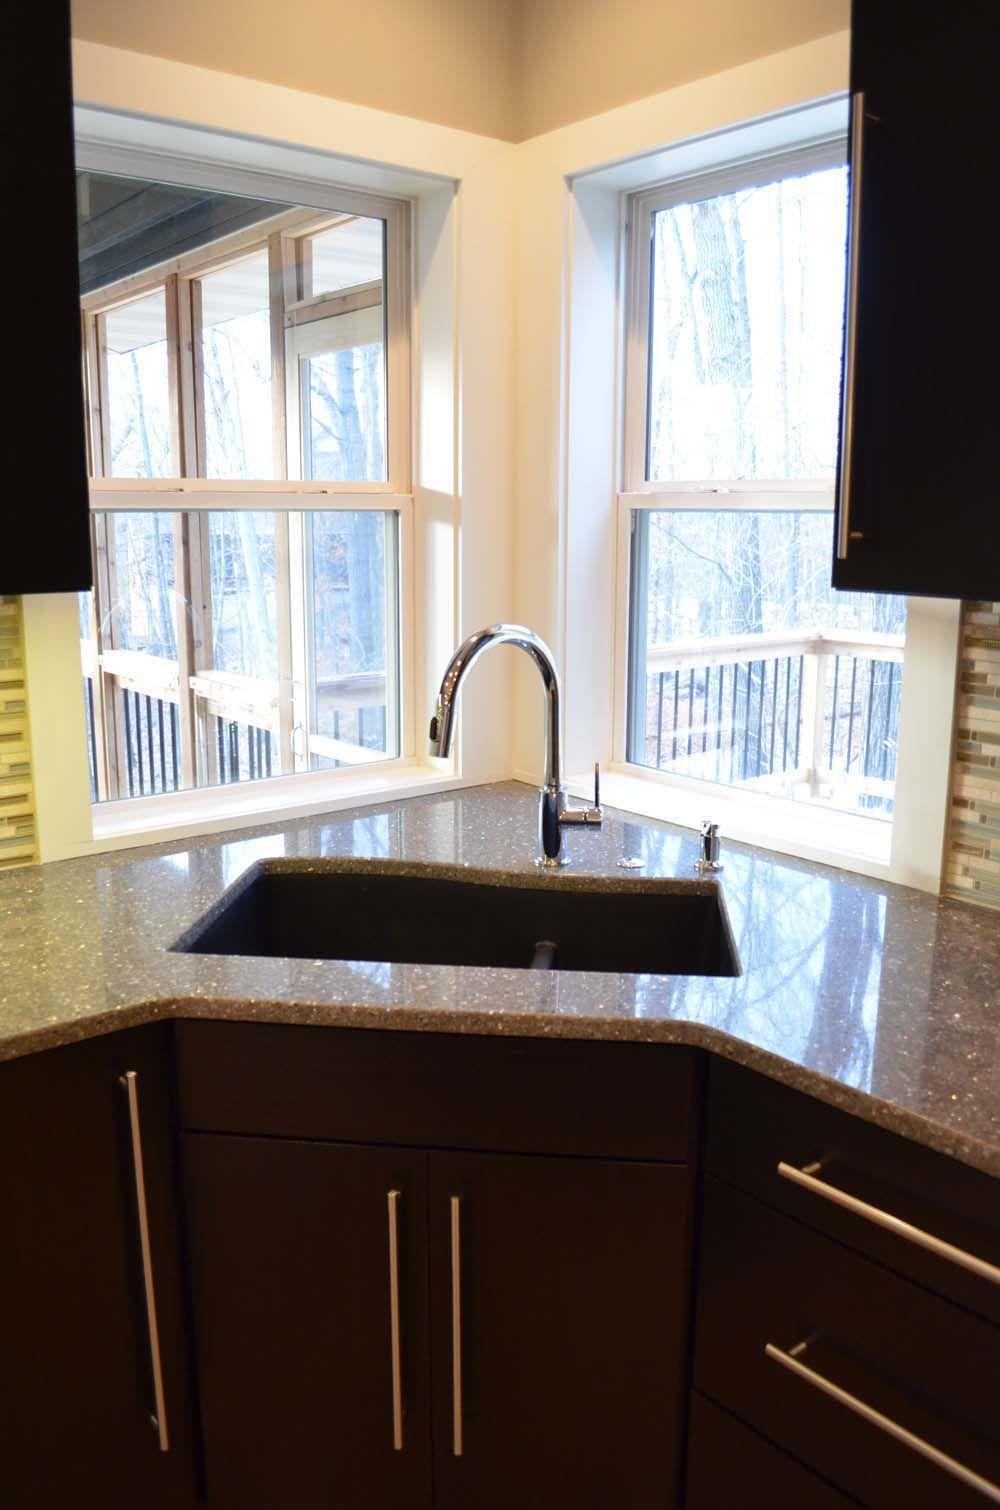 Full Size of Küchen Raffrollo Ecke Kche Windows Fr Gemtliche Beleuchtung Splbecken Regal Küche Wohnzimmer Küchen Raffrollo